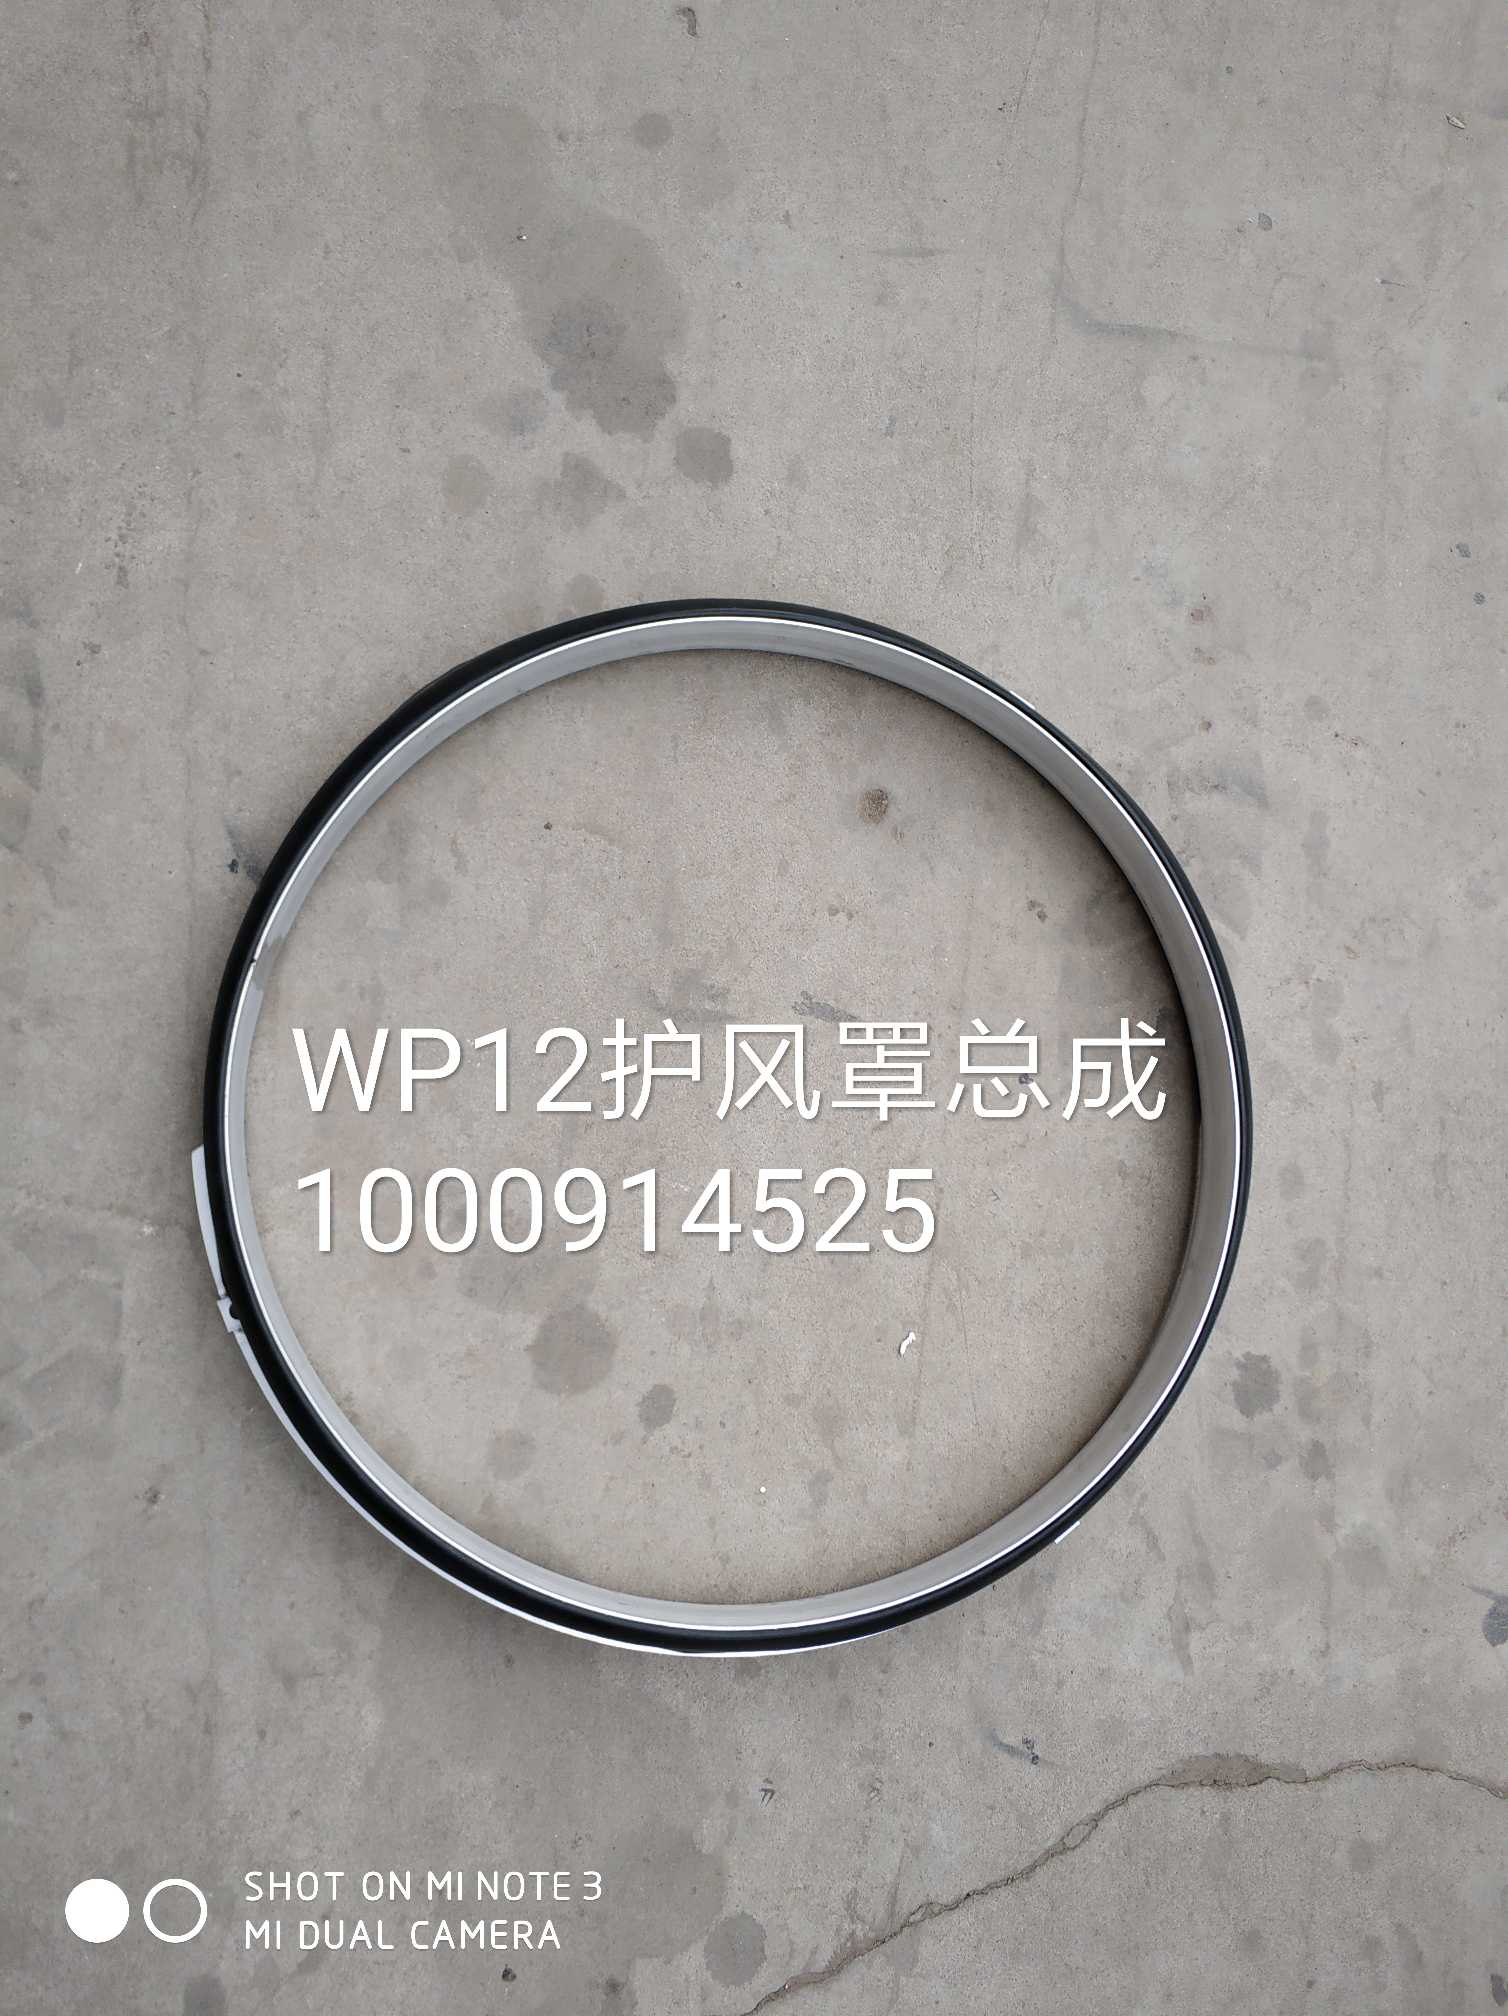 WP12护风罩总成1000914525